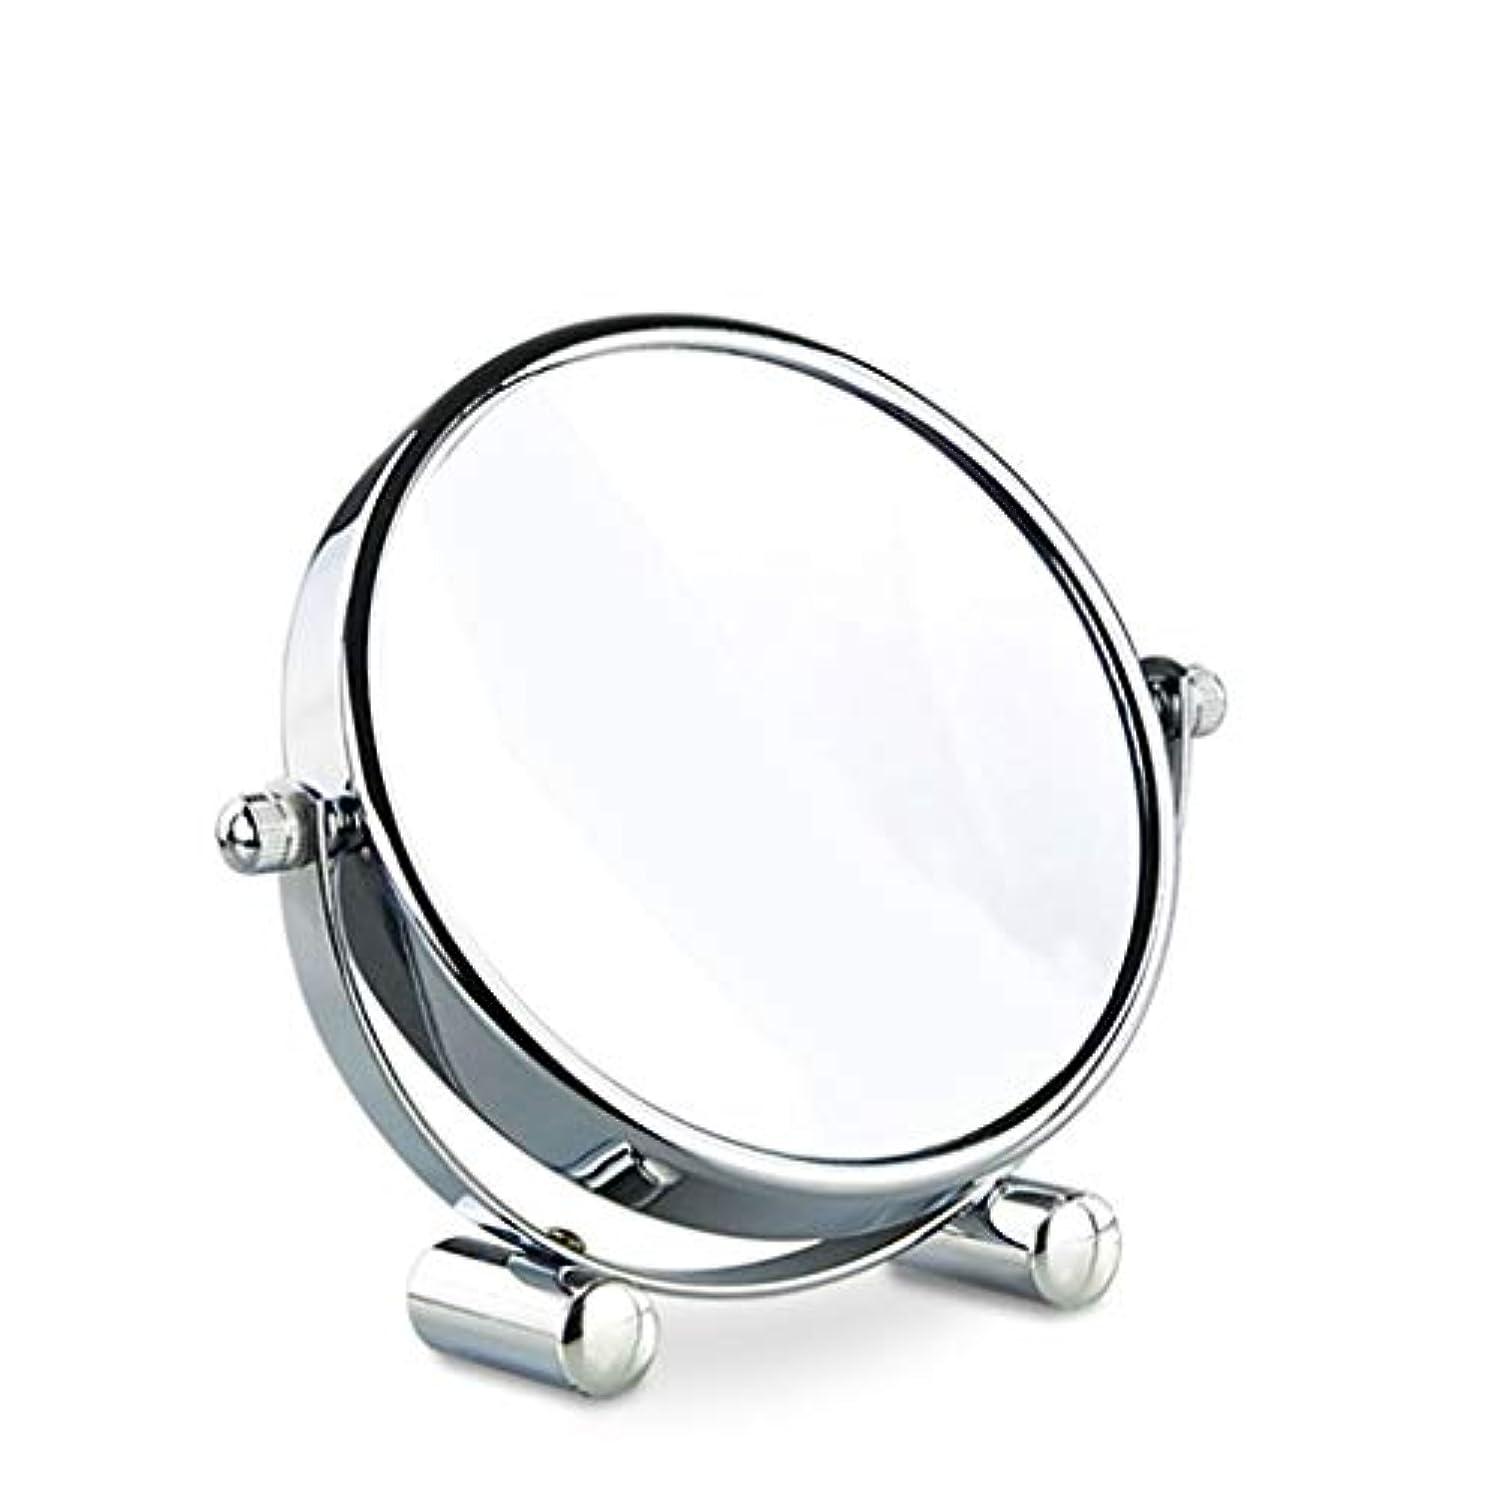 小間タバコ俳優ラウンドフリースタンディングスモールプラットフォームは、ミラーの洗面化粧台、ダブルサイド3倍/ 5倍/ 7倍/ 10倍拡大化粧鏡、スタンド5インチ (Color : Silver, Size : X7)